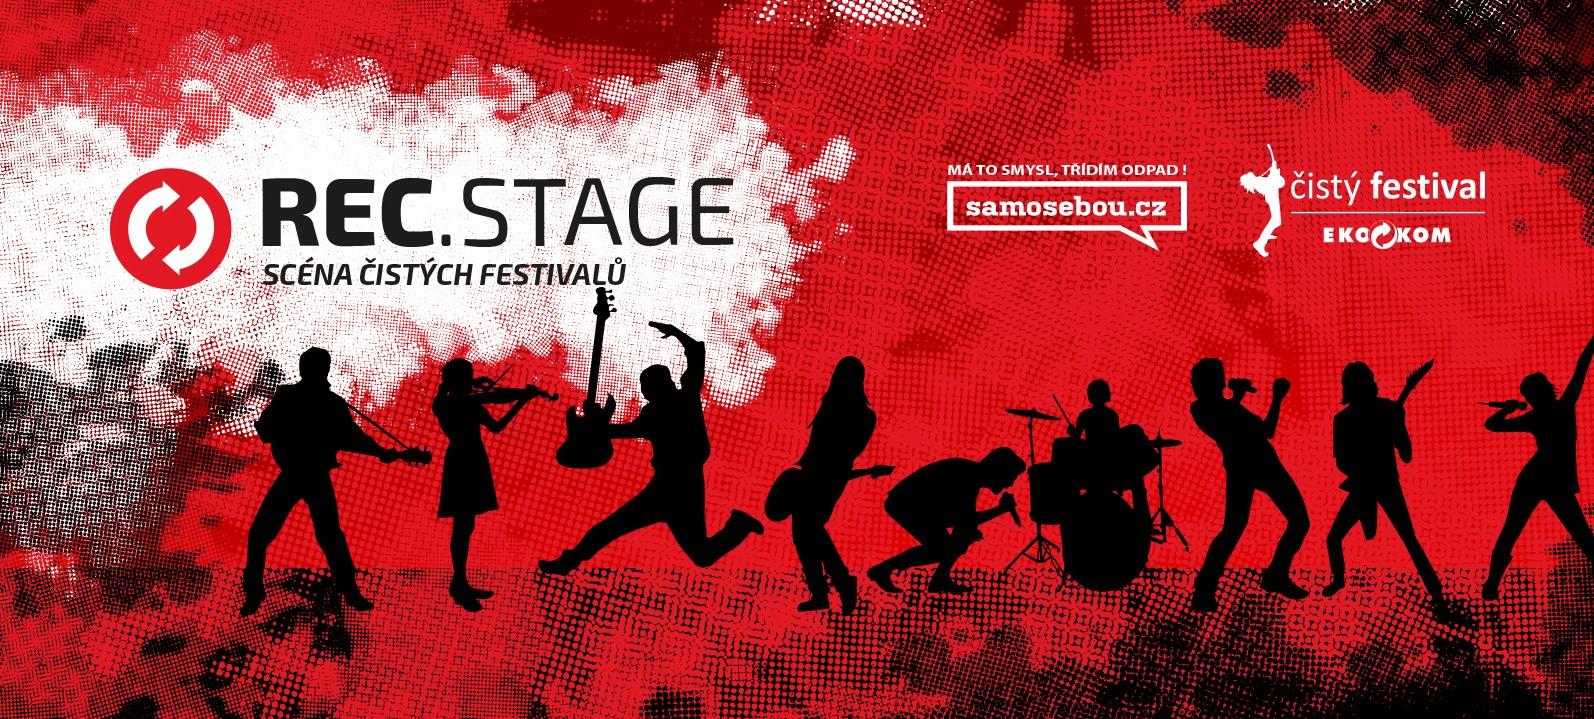 rec_stage_ciste_festivaly_samosebou